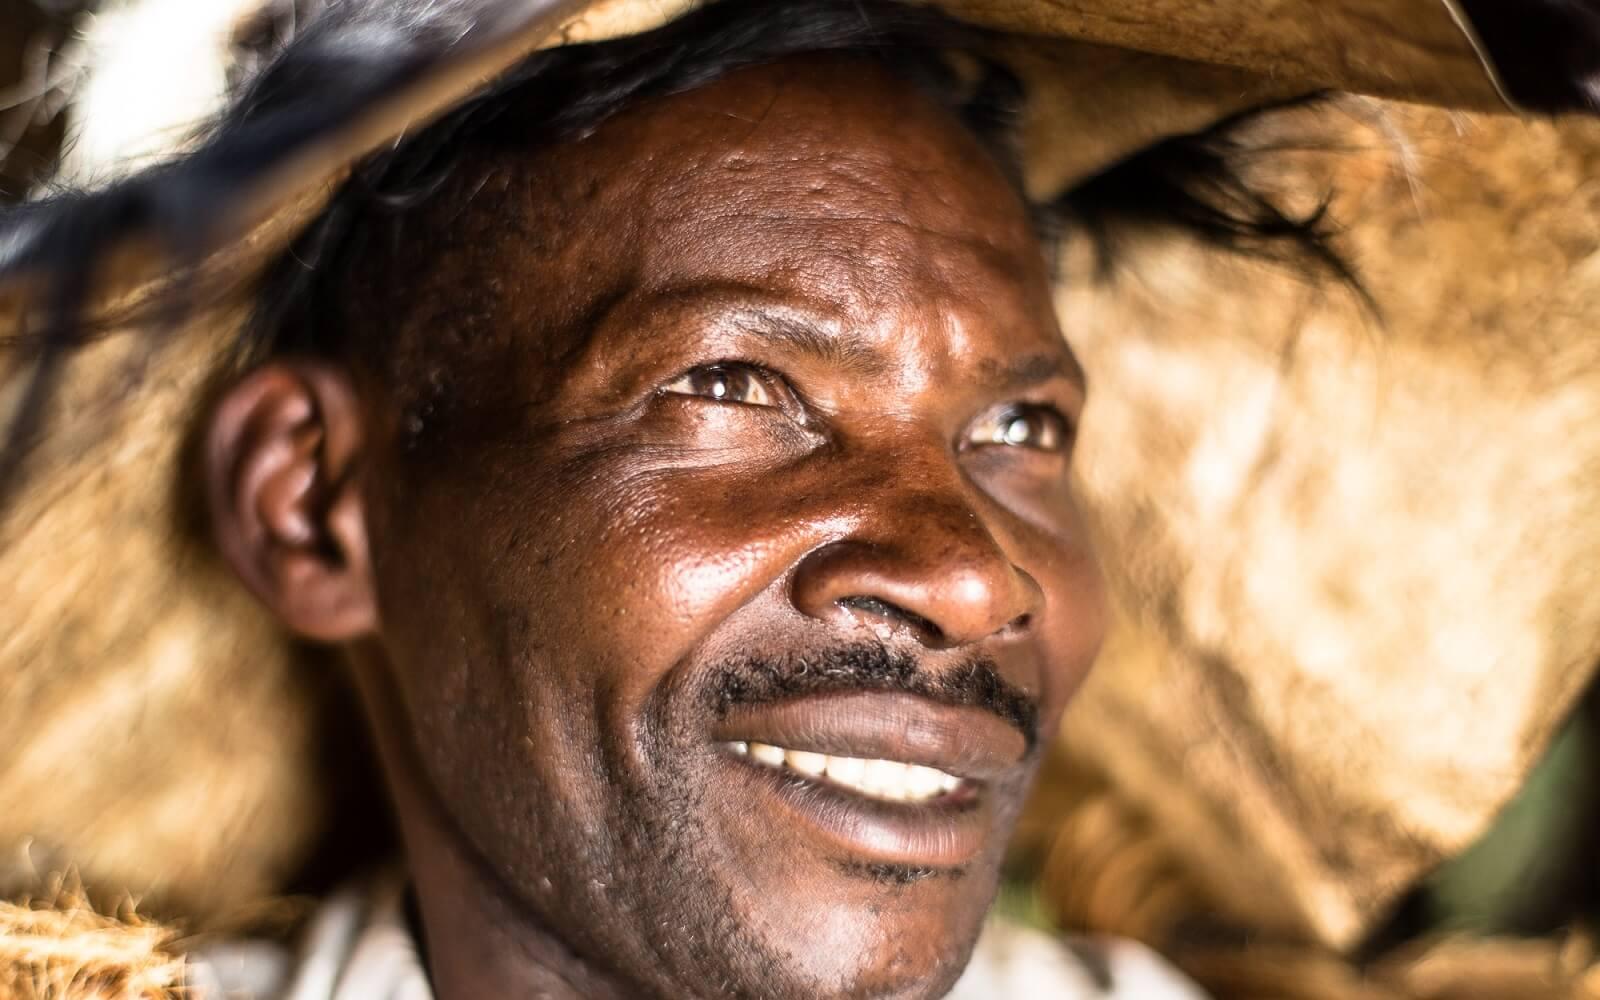 Keine Fälle von Ebola in Uganda